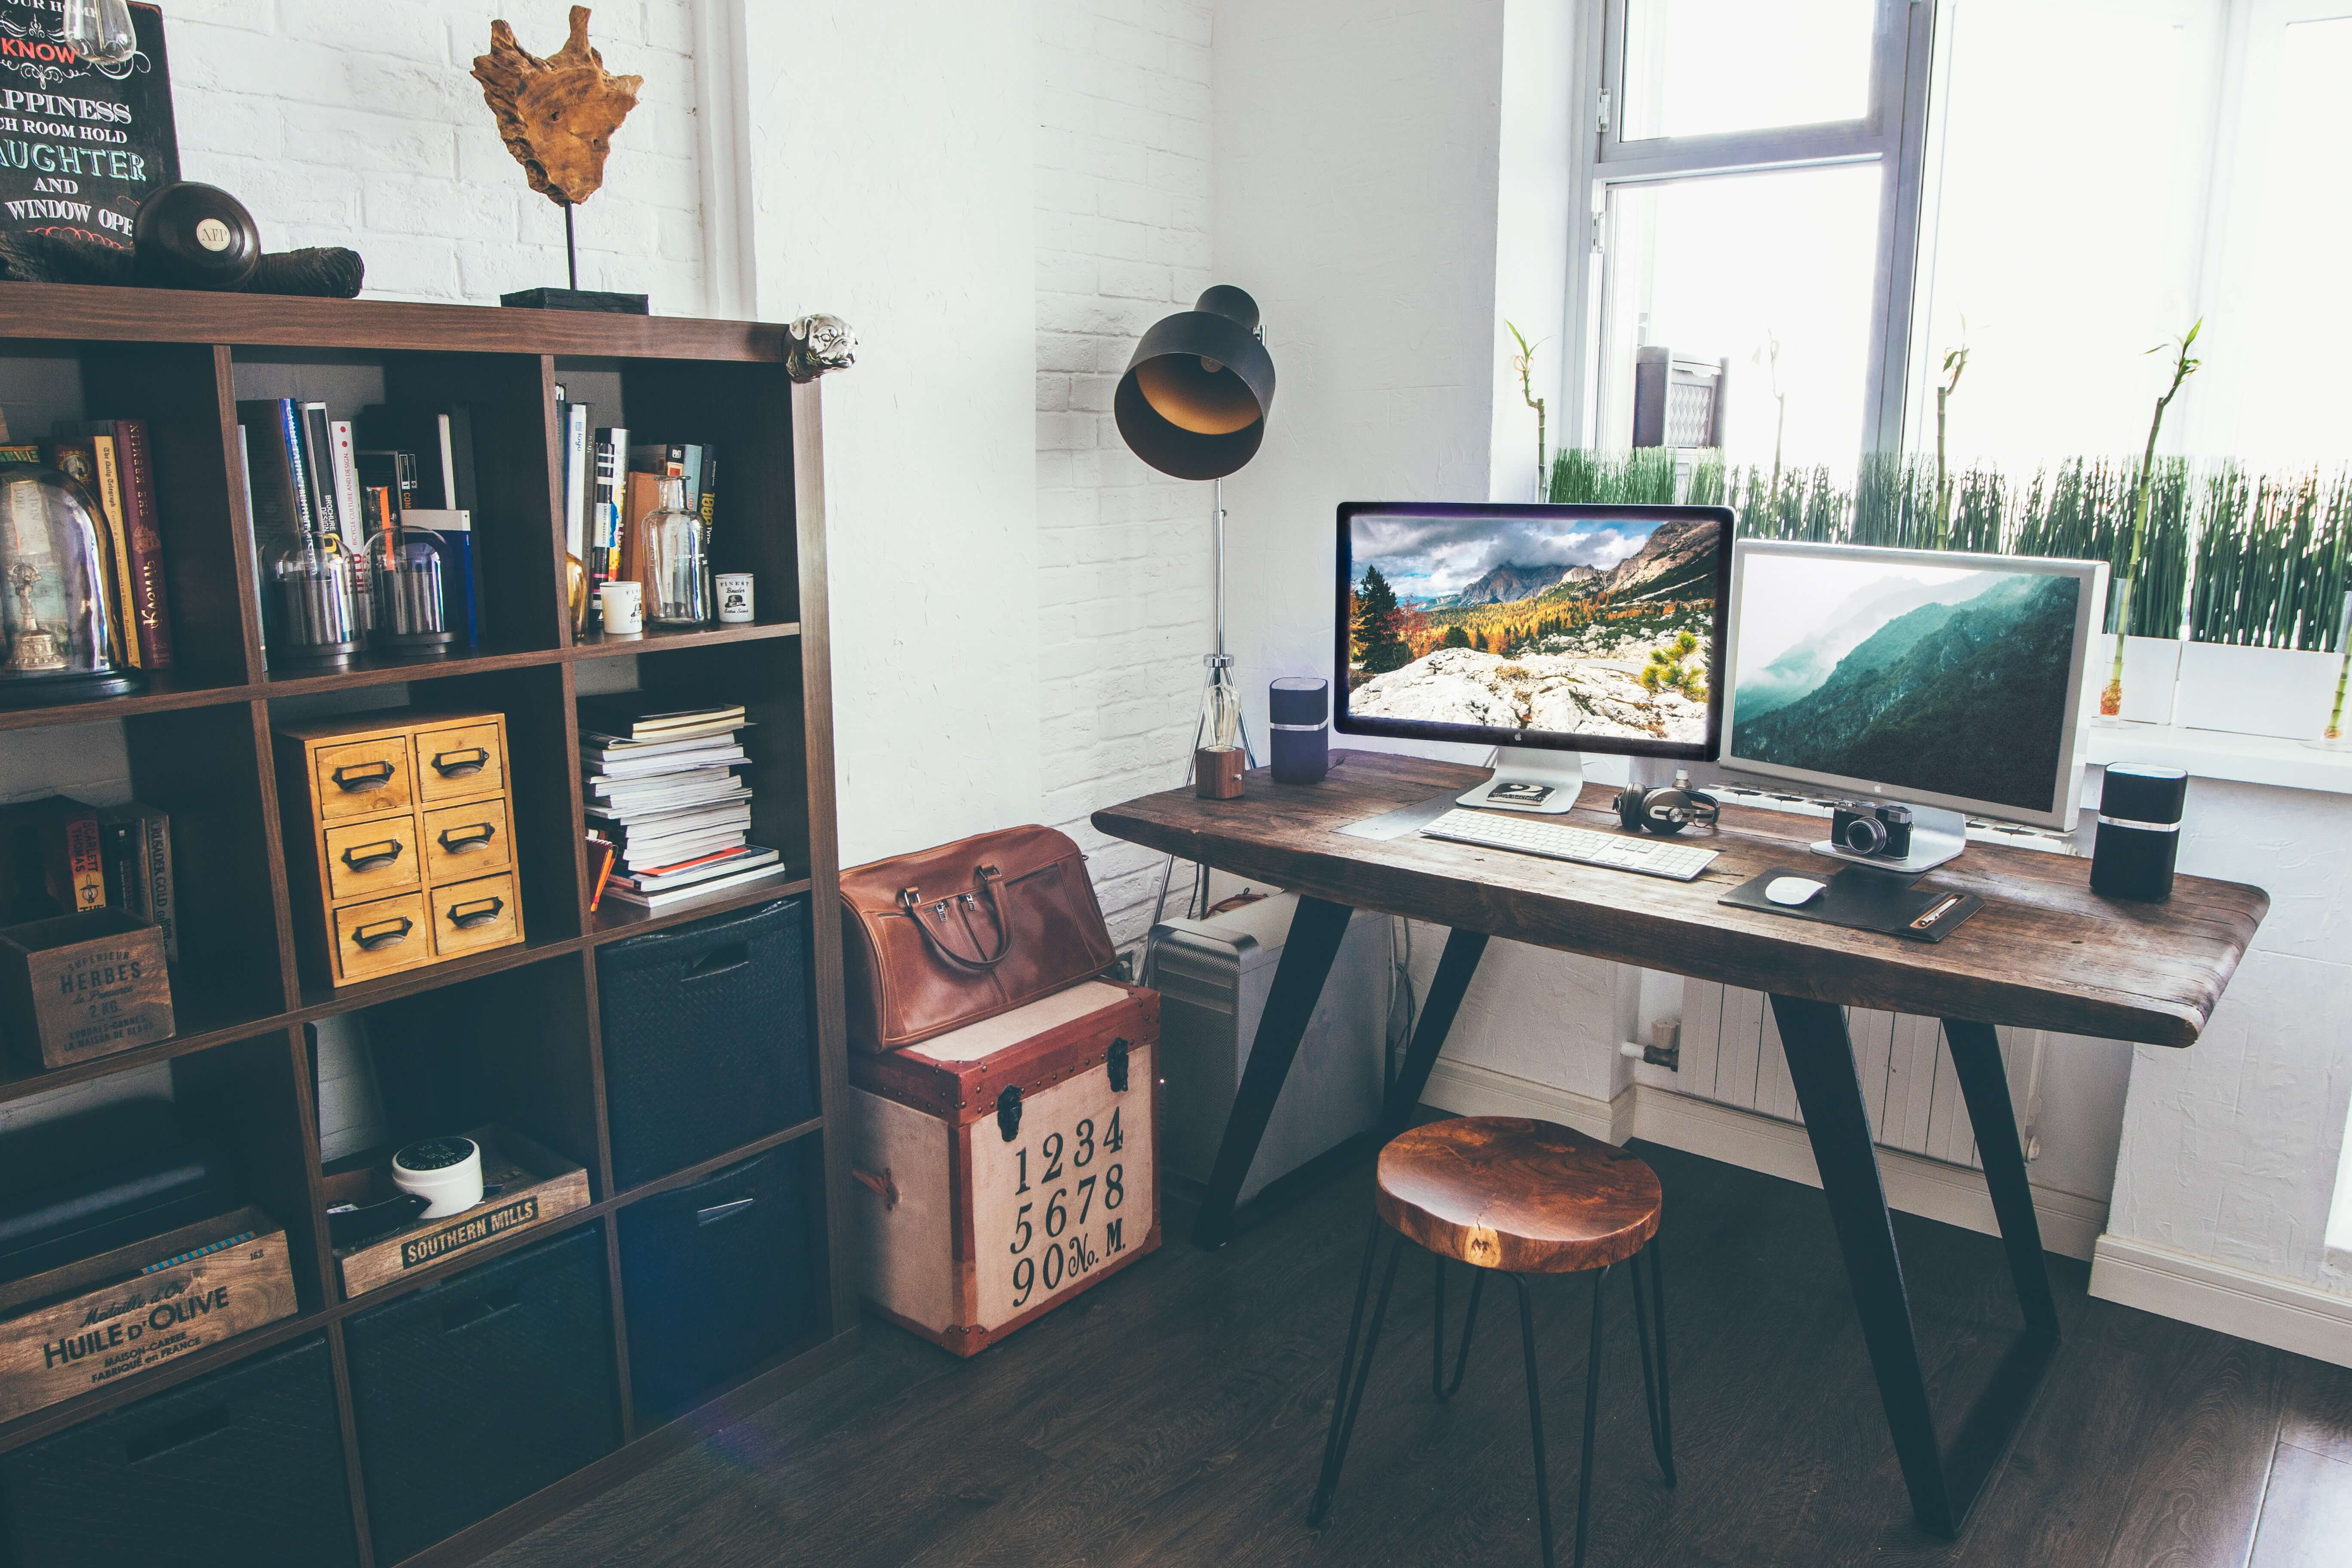 Regály do kanceláře nejsou jen úložný prostor, ale mohou být i stylový doplněk